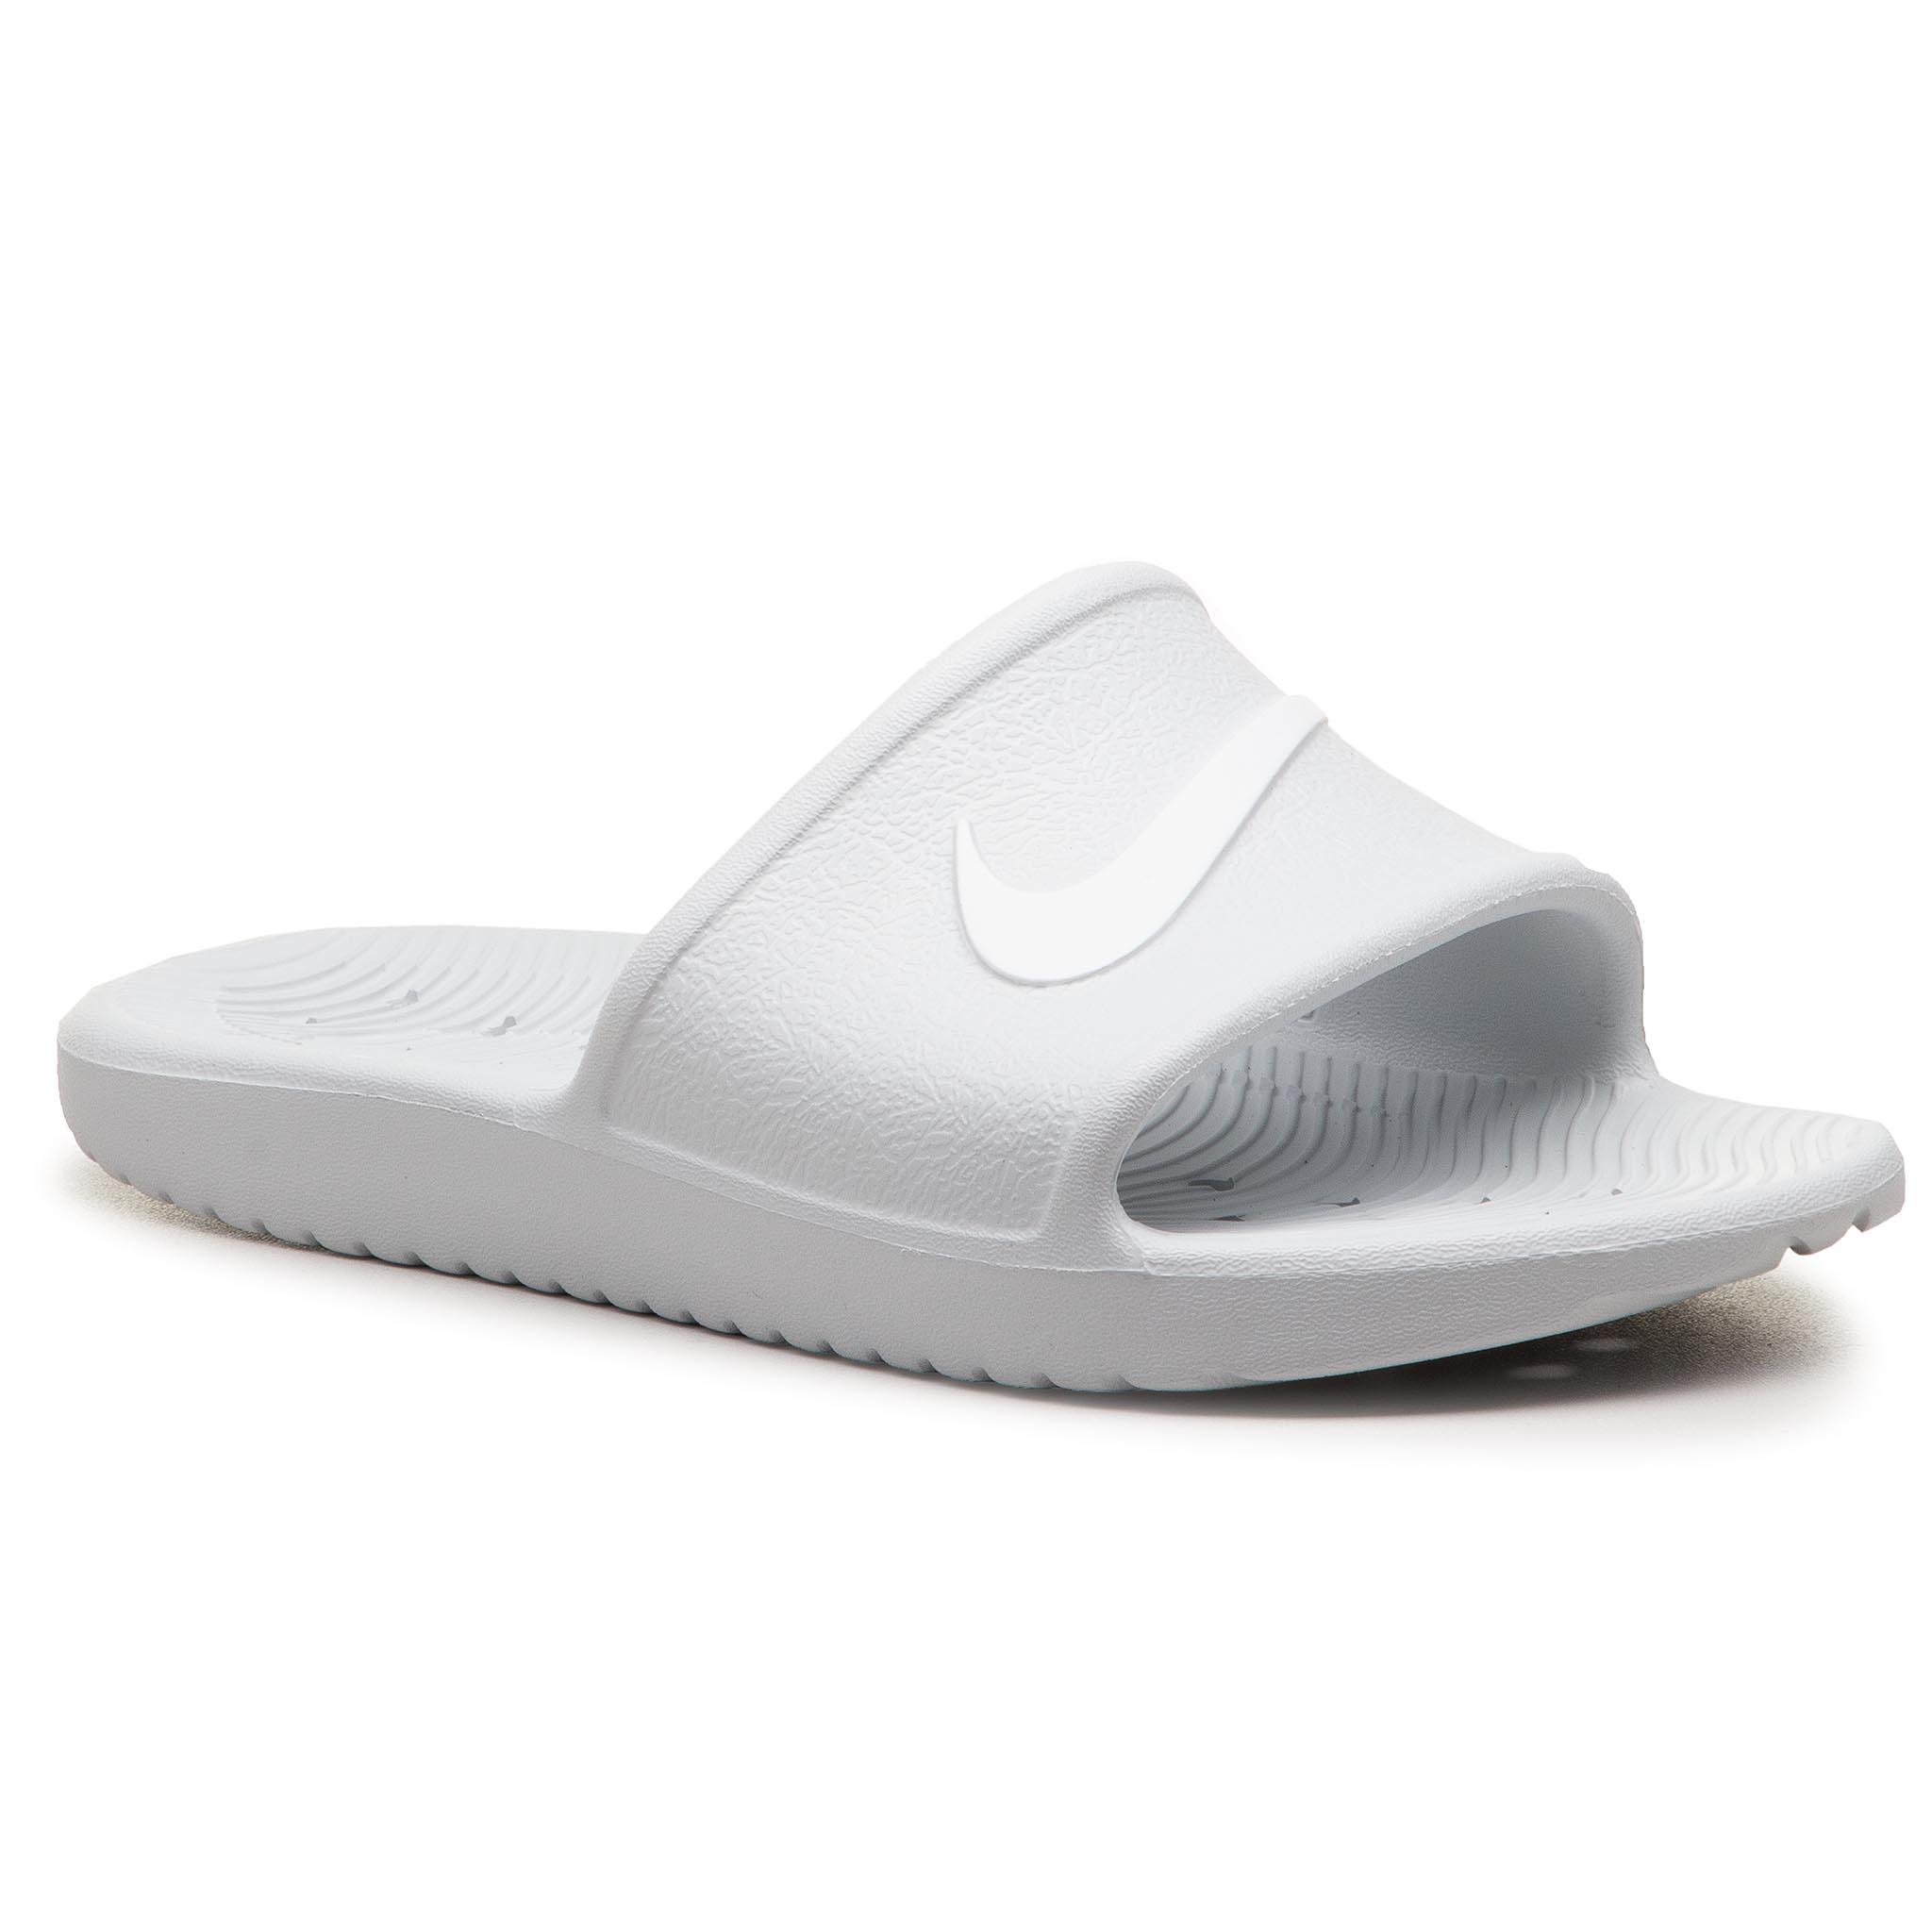 a1de30a1e Slides adidas - adilette Shower AQ1702 Ftwwht Cblack Ftwwht - Casual ...